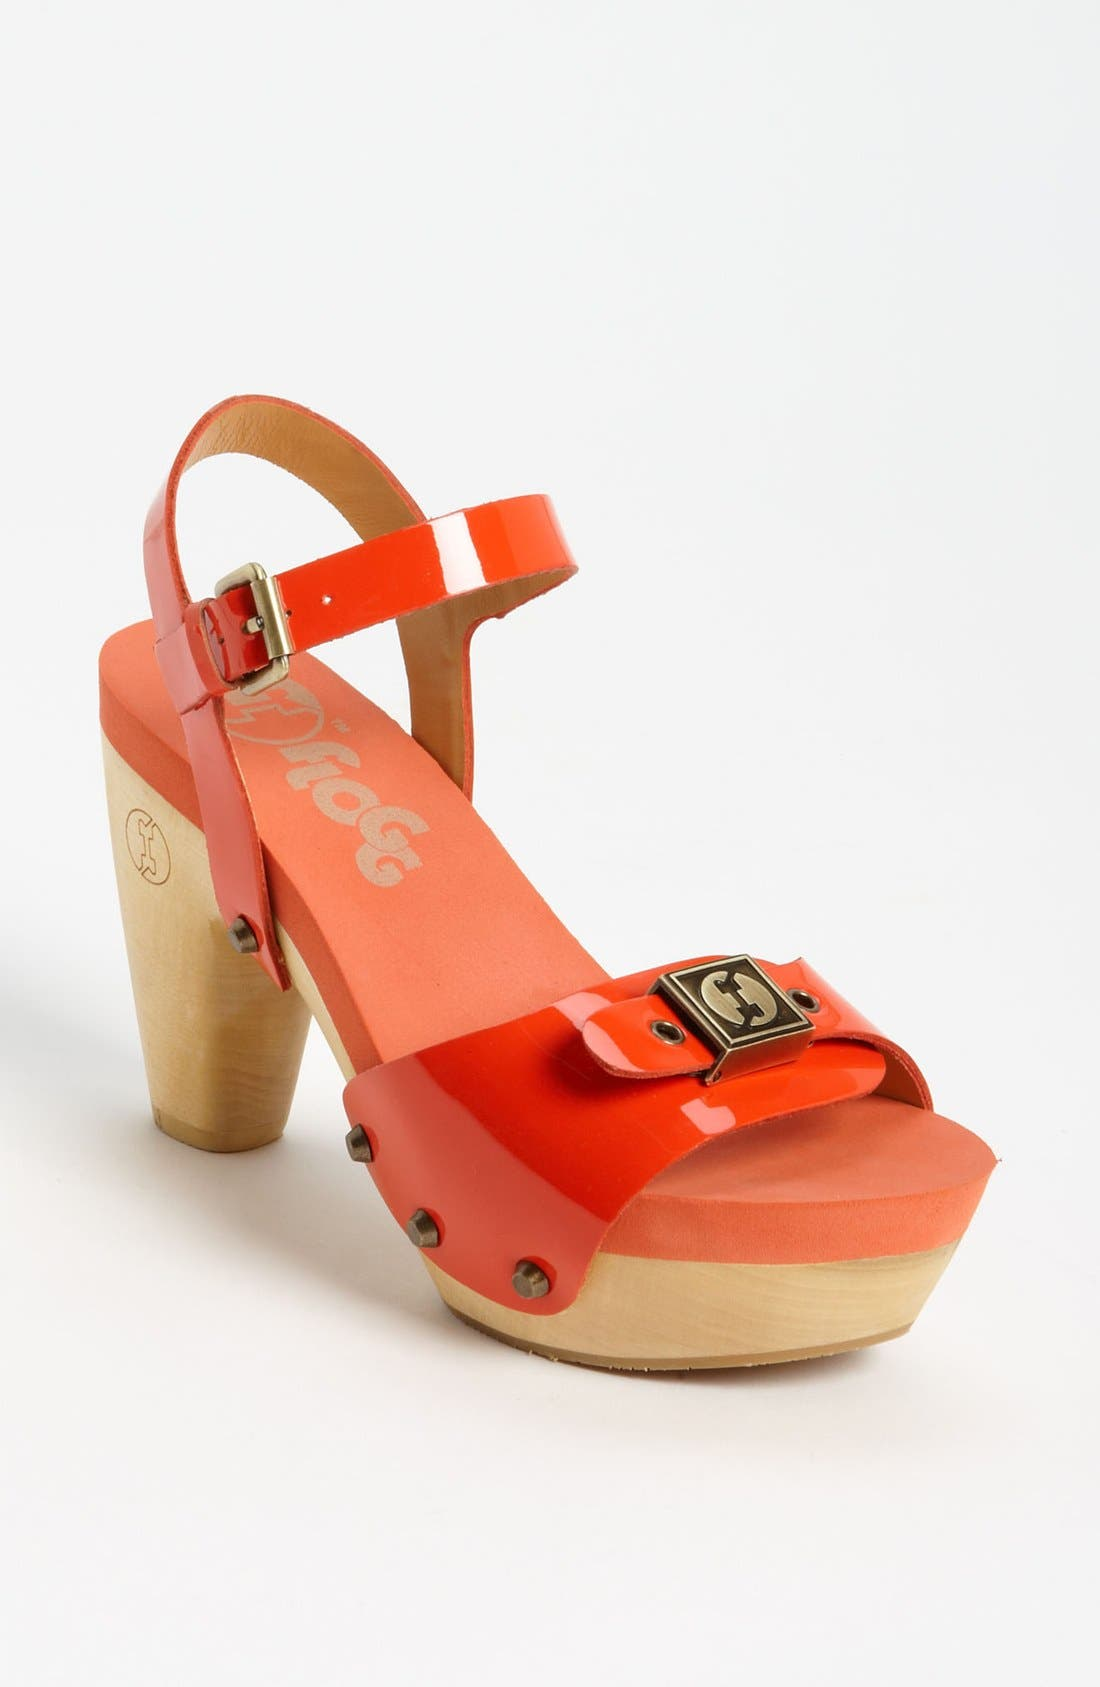 Alternate Image 1 Selected - Flogg 'Fantastic' Sandal